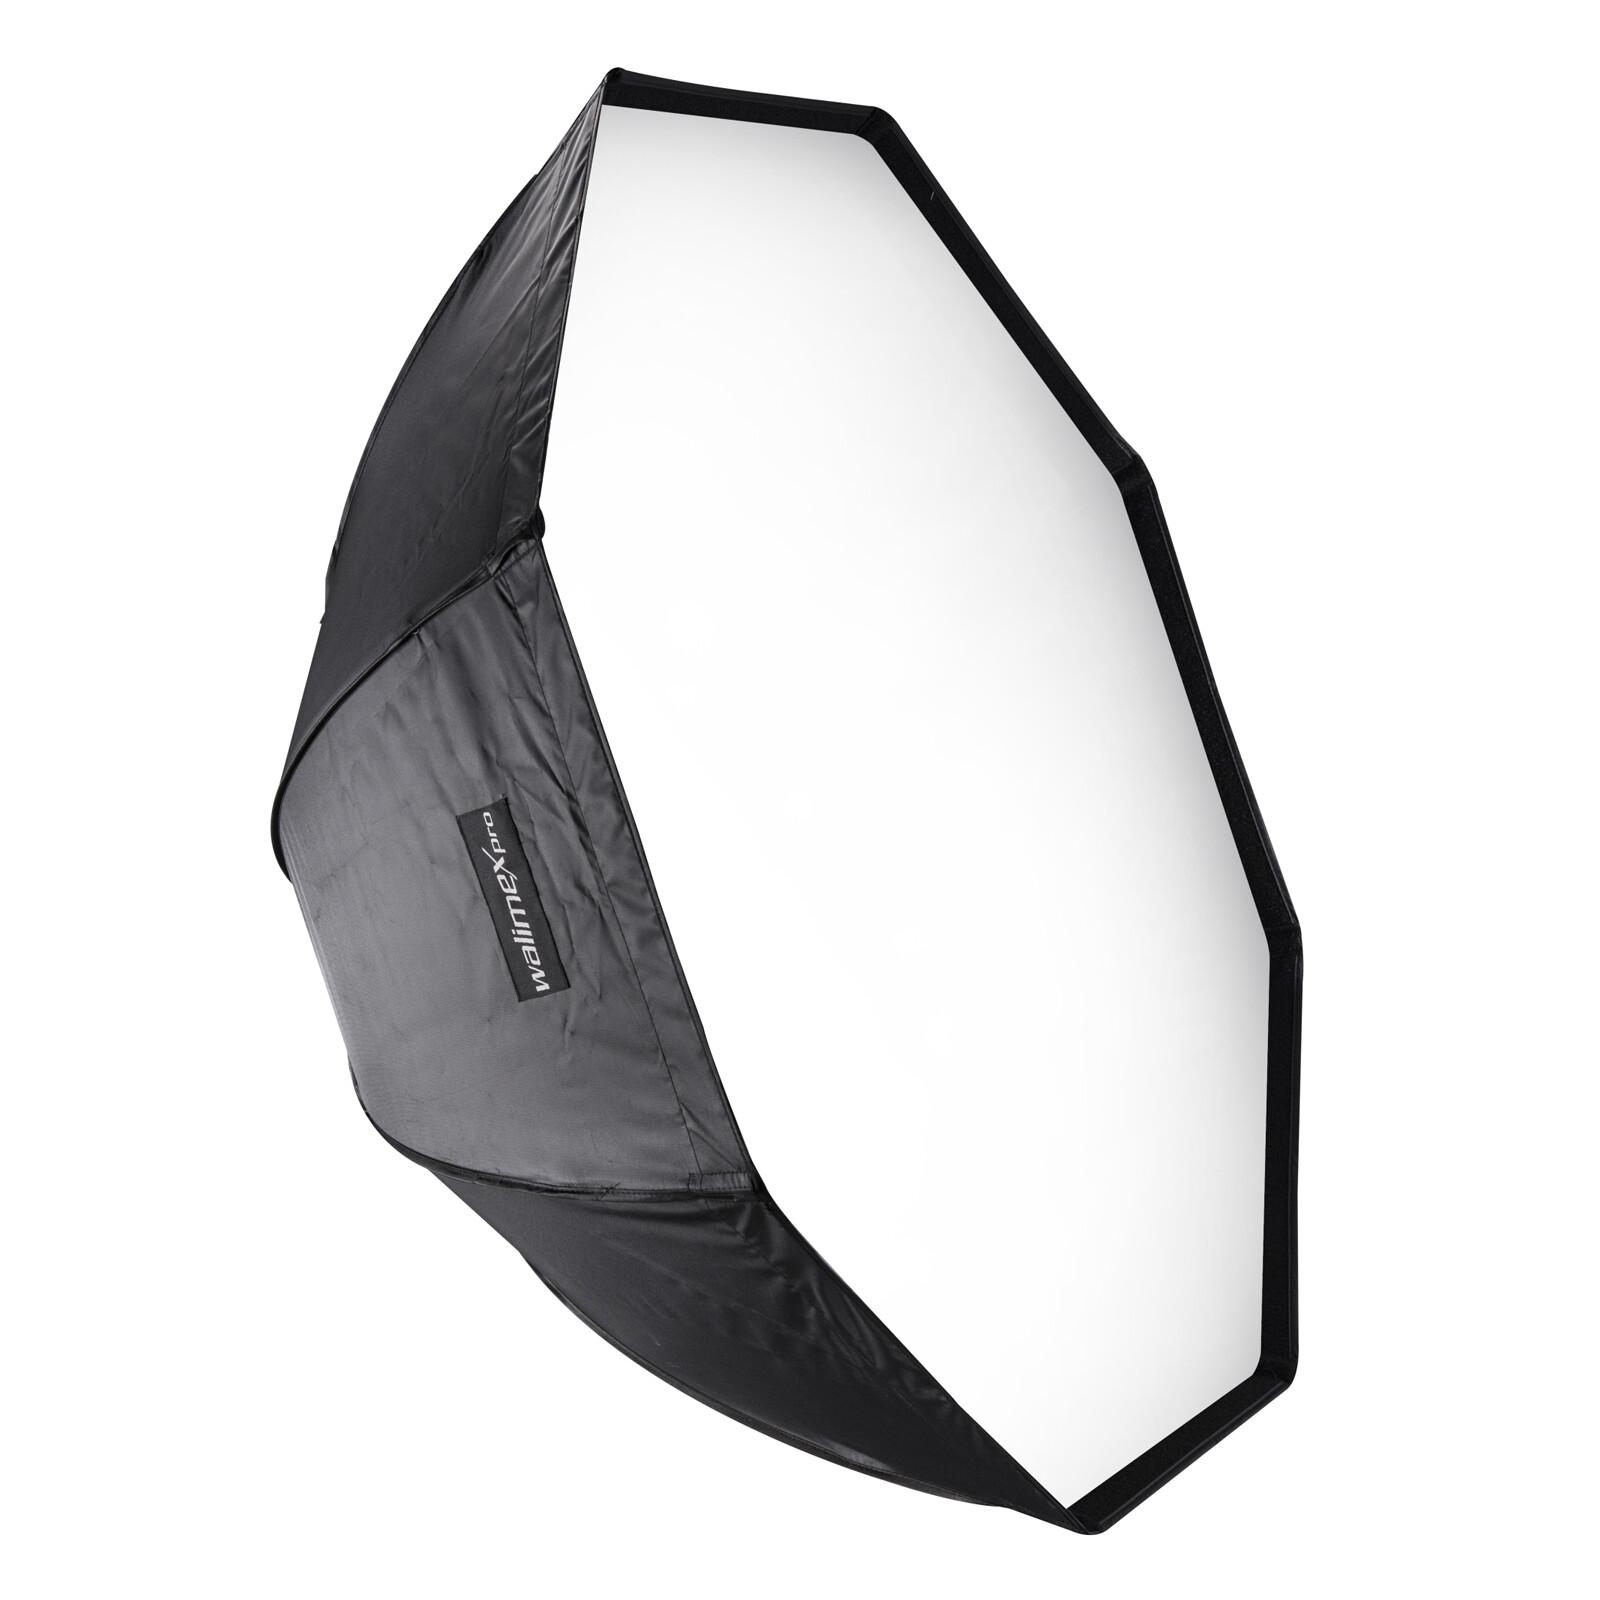 walimex pro easy Softbox Ø120cm Elinchrom